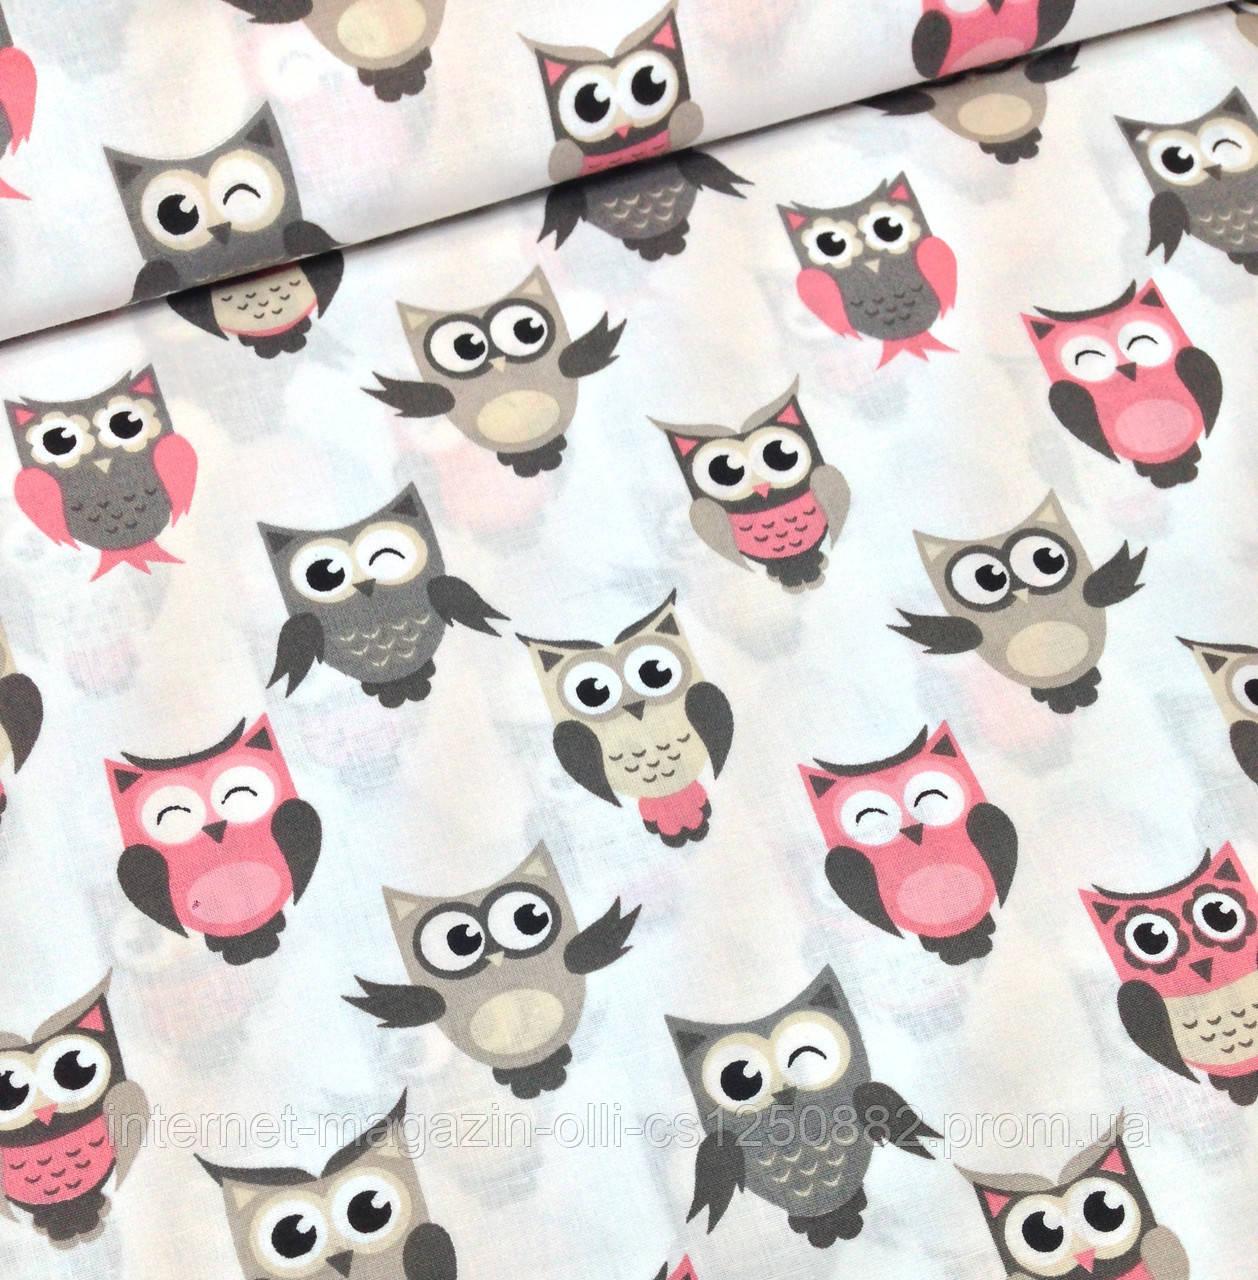 Хлопковая ткань польская совы серо-розовые на белом №352